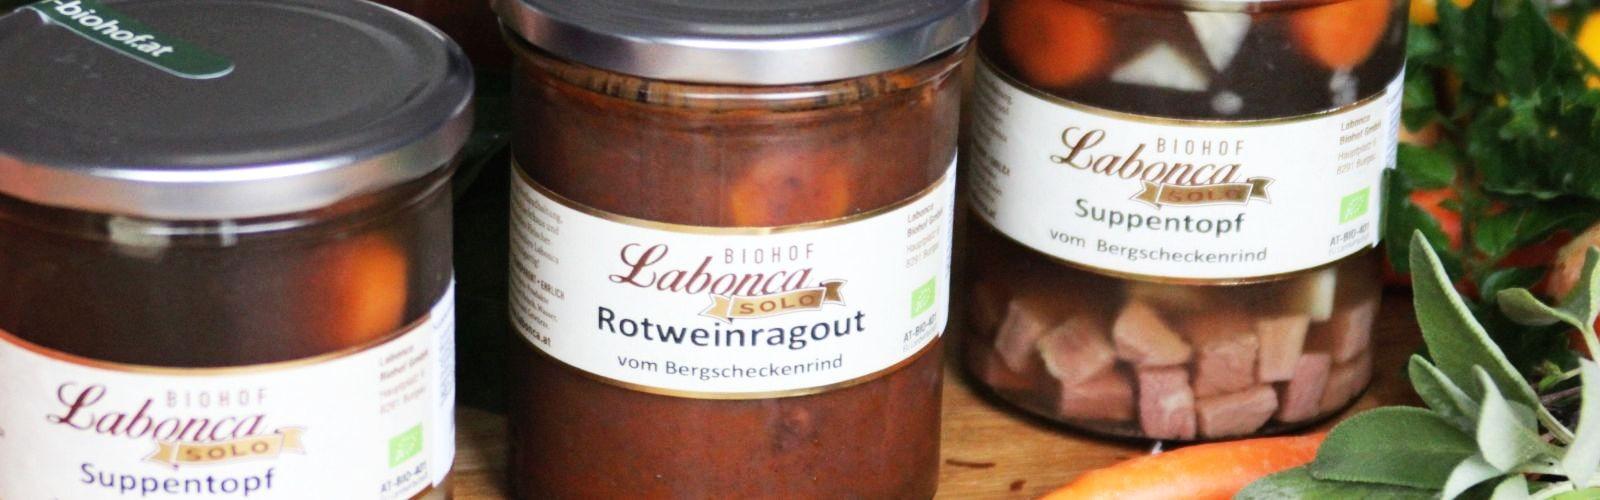 Motivbild der Seite Frischfleisch vom BERGSCHECKENRIND / Herzhaftes im Glas